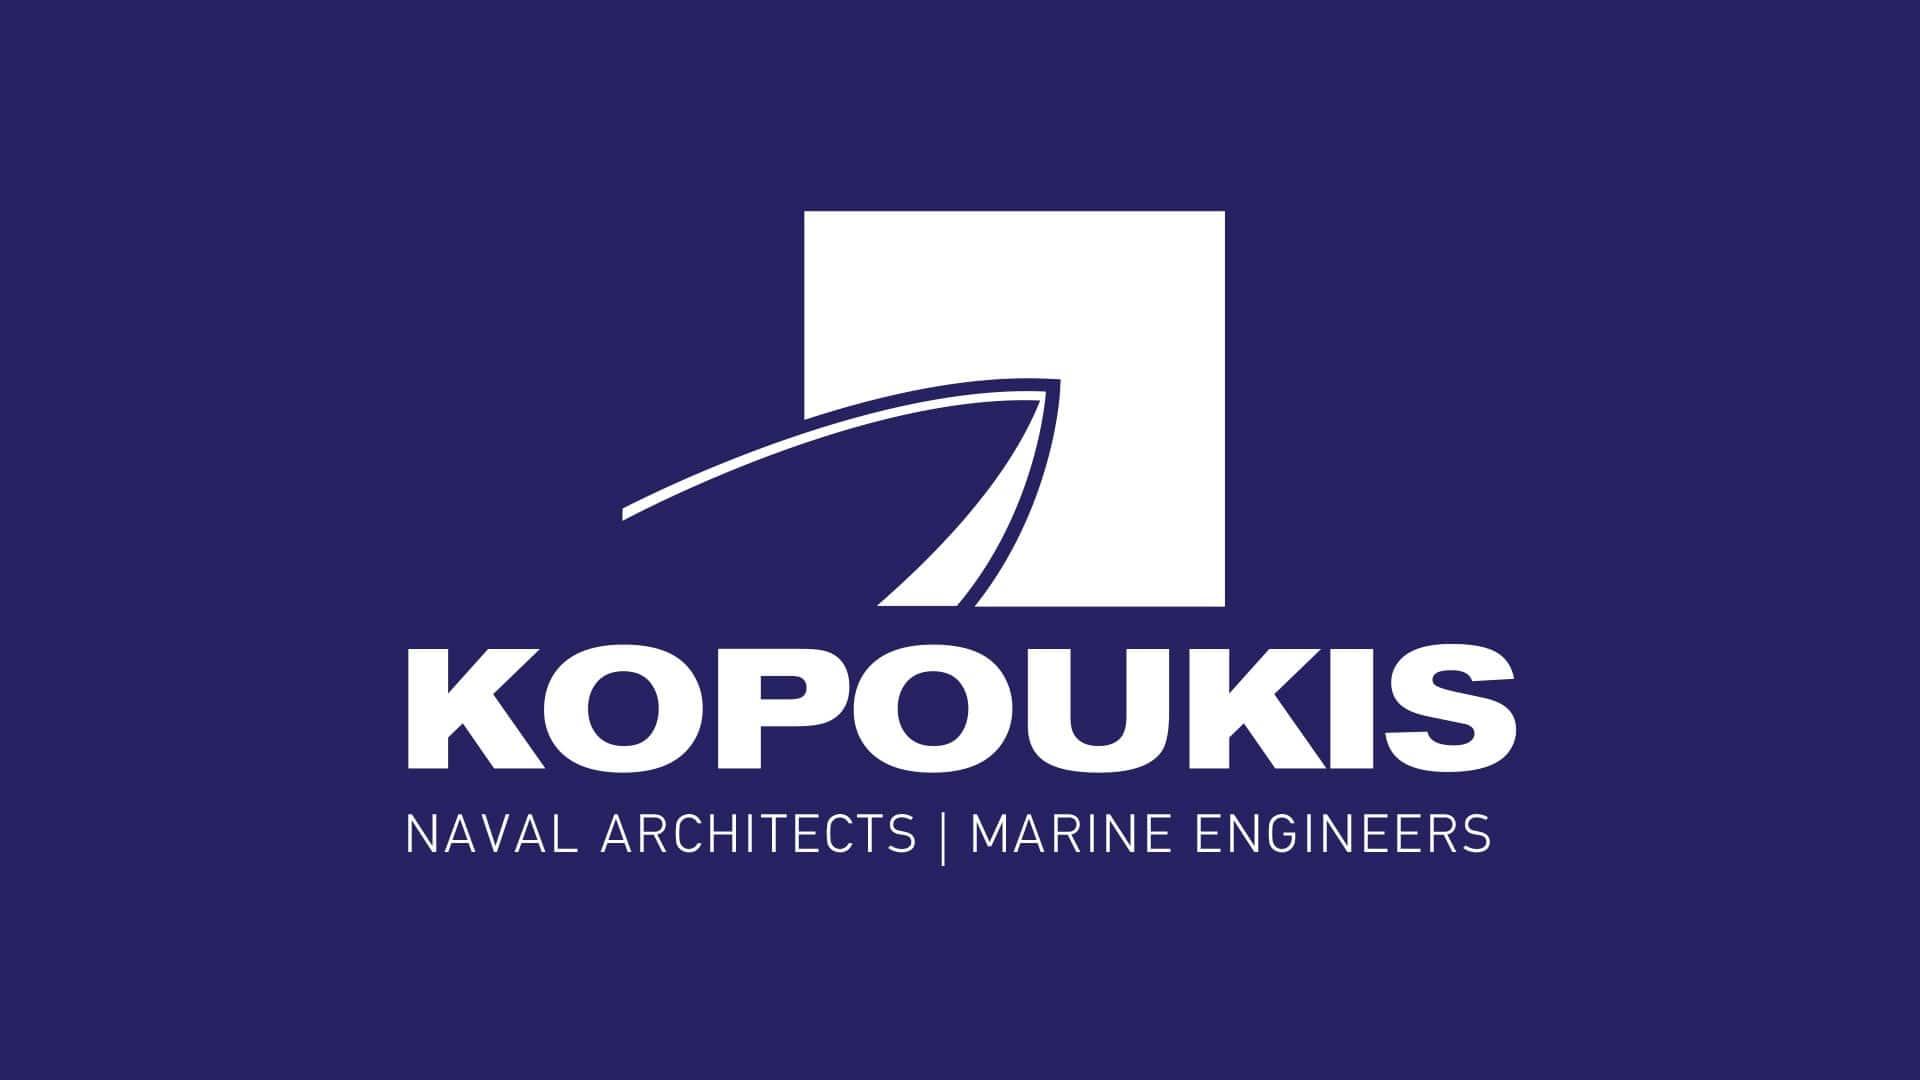 Κοπούκης Γραφίστας Σπύρος Ηλιόπουλος